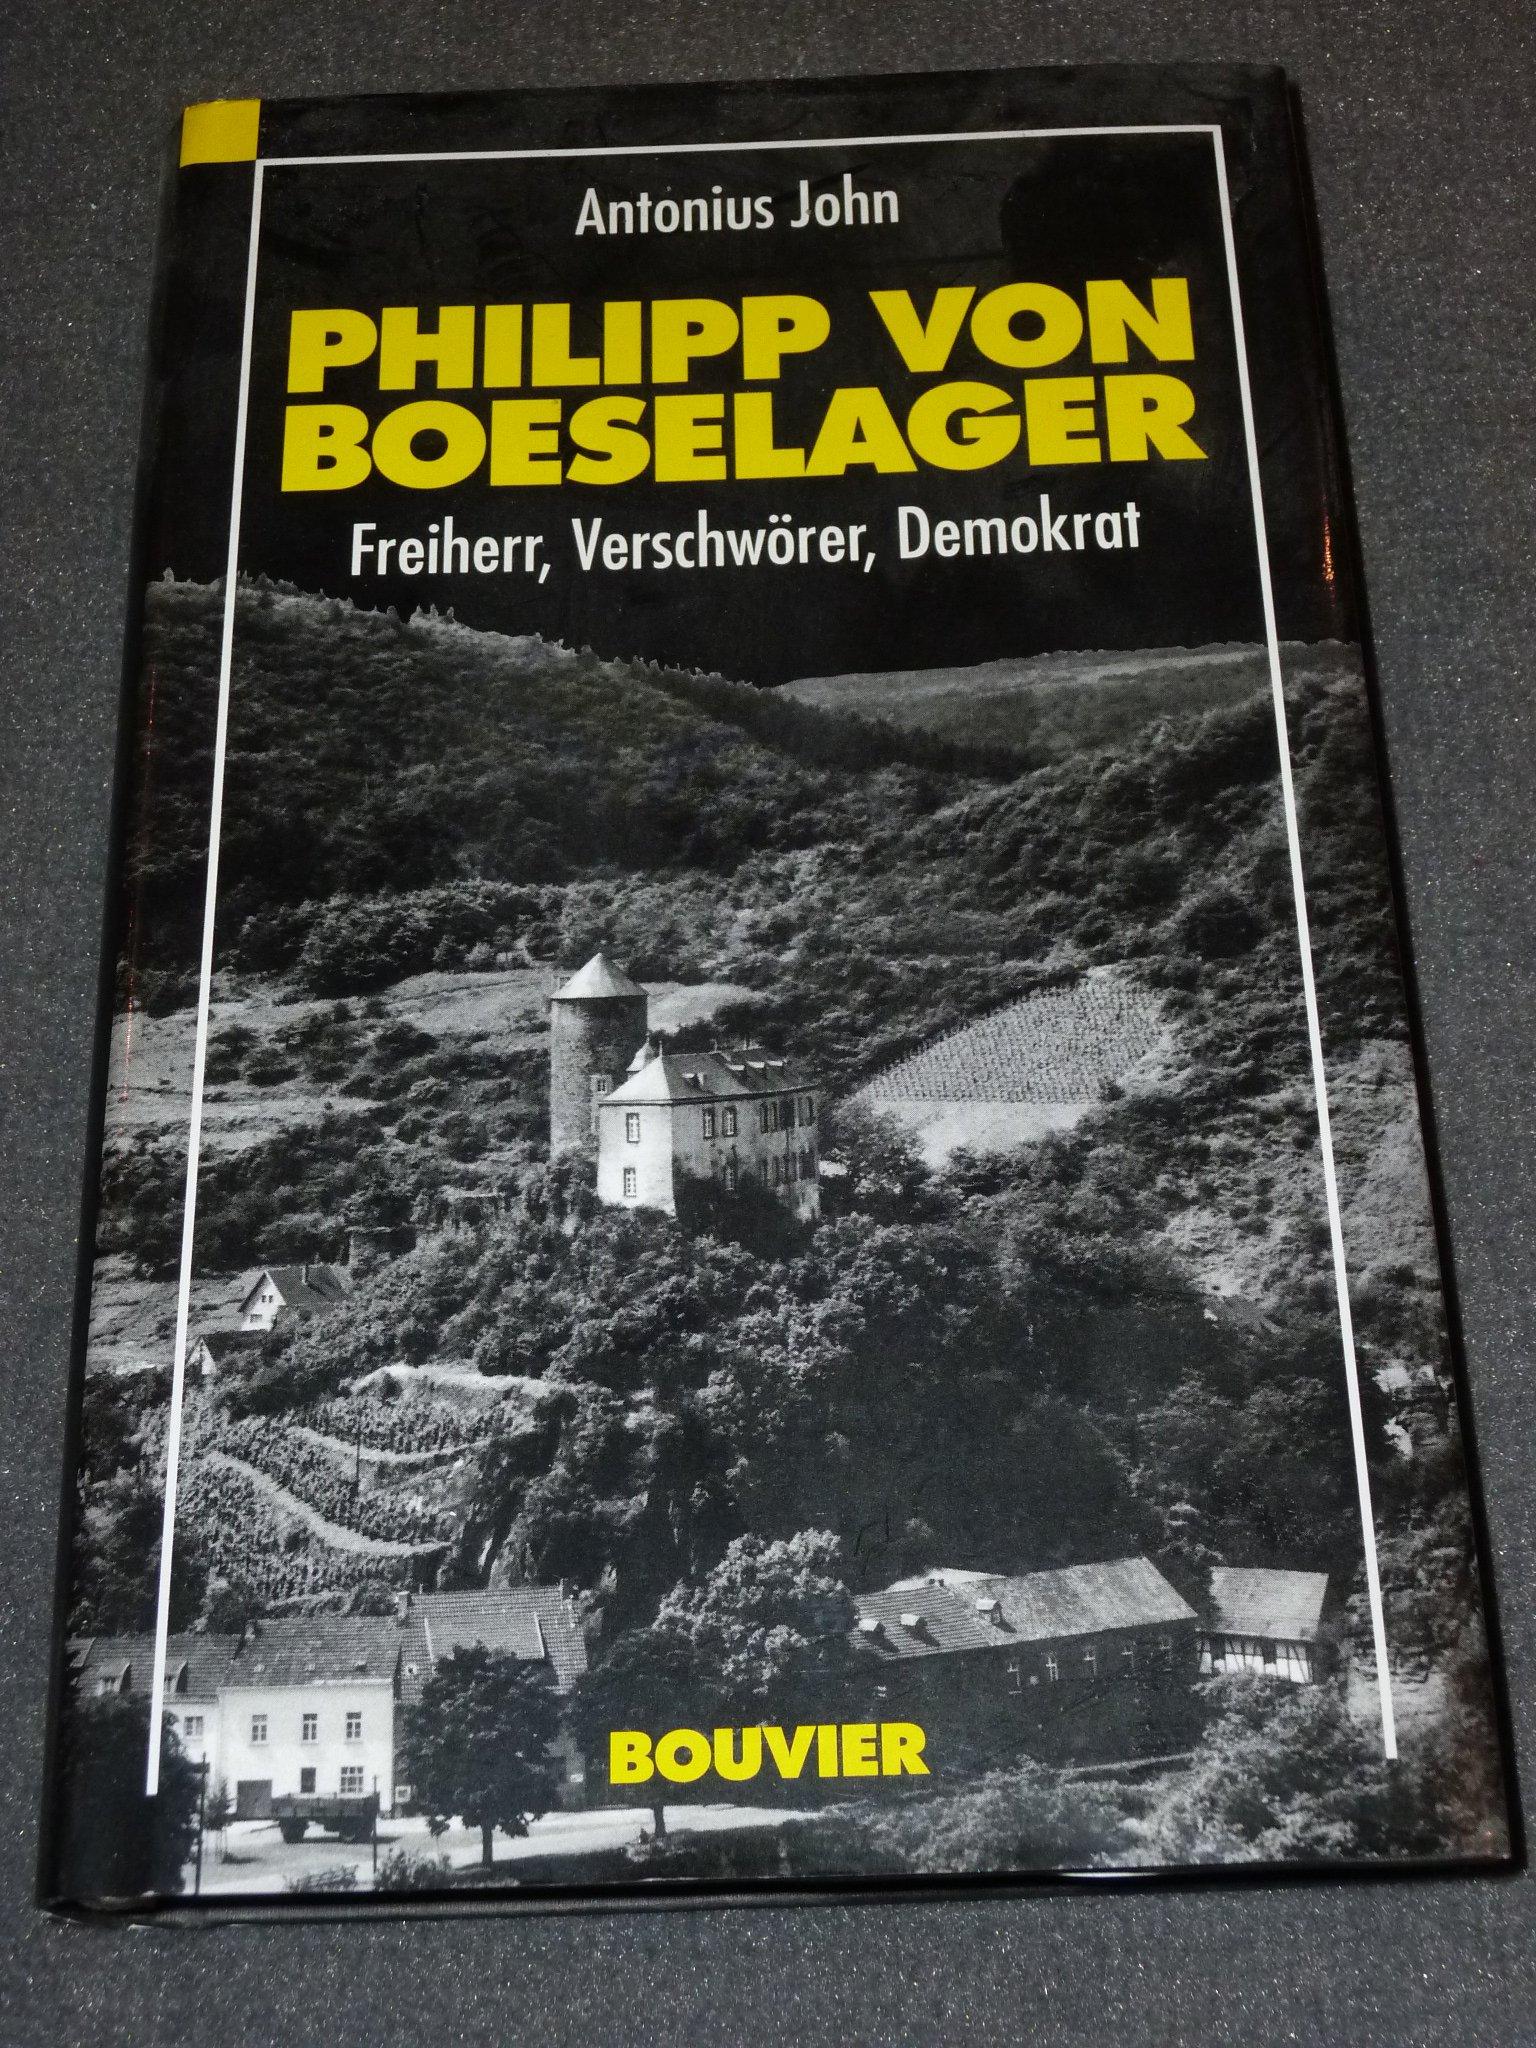 Philipp von Boeselager